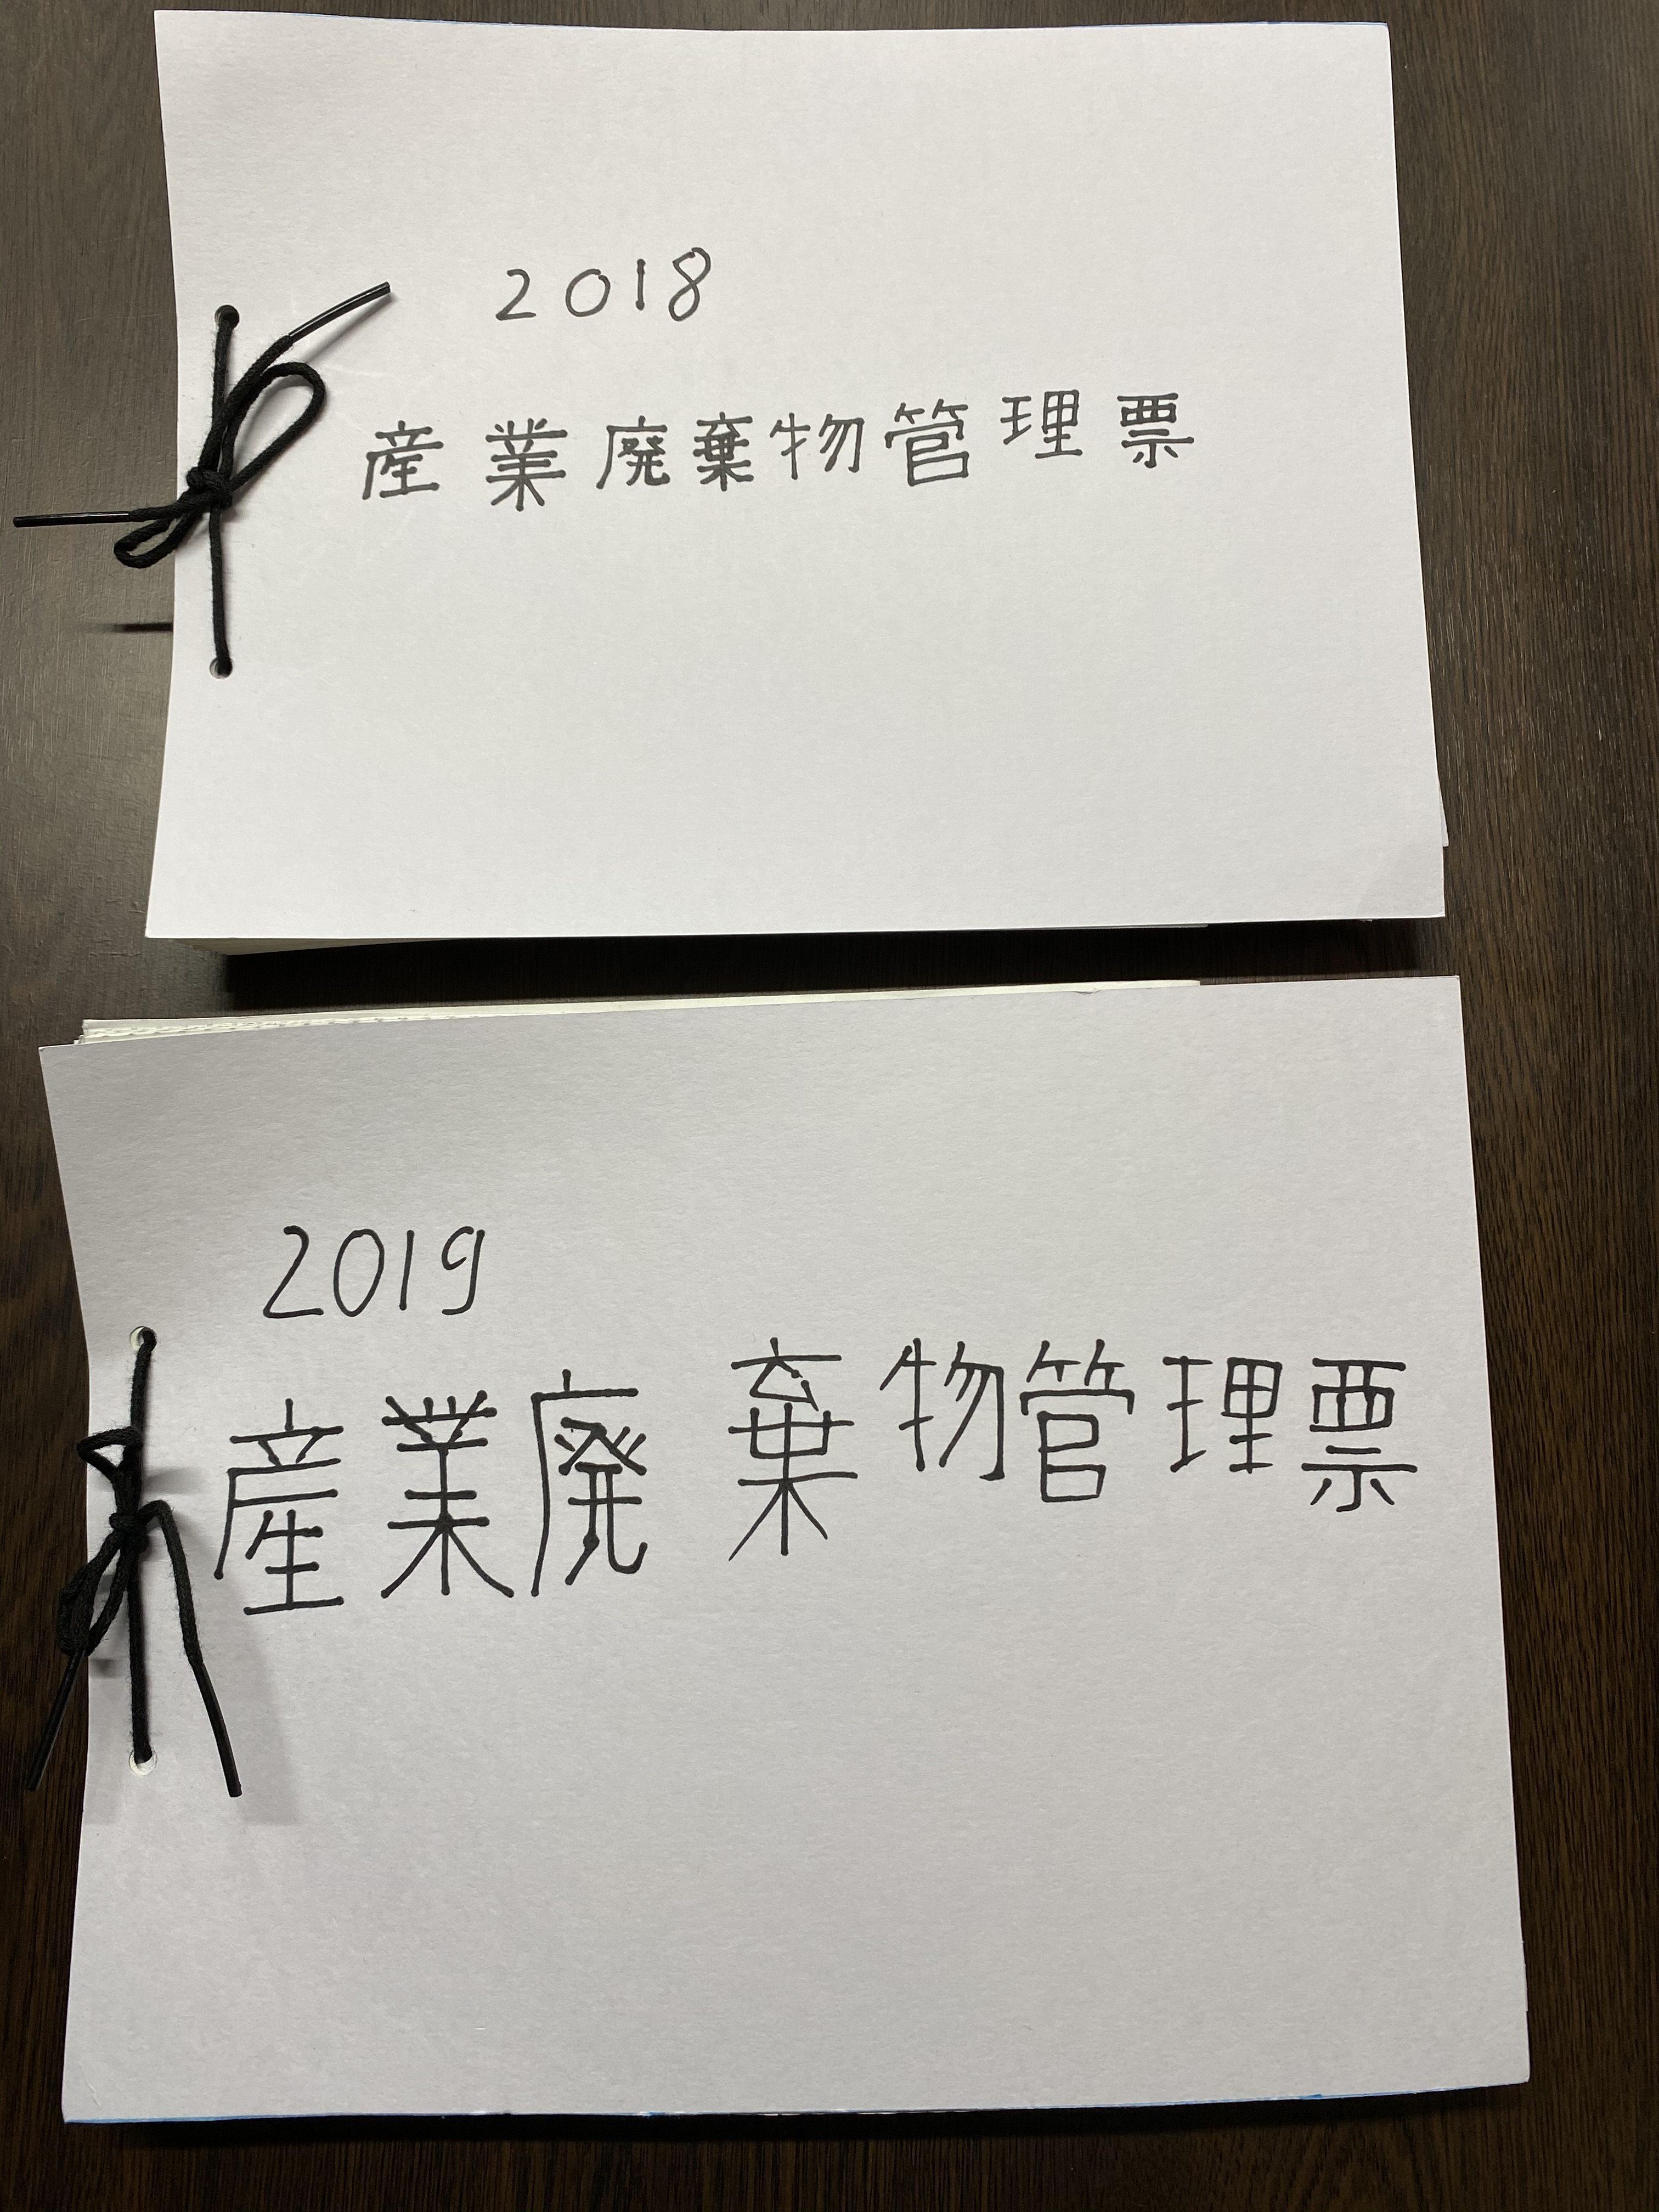 ベトナム人技能実習生